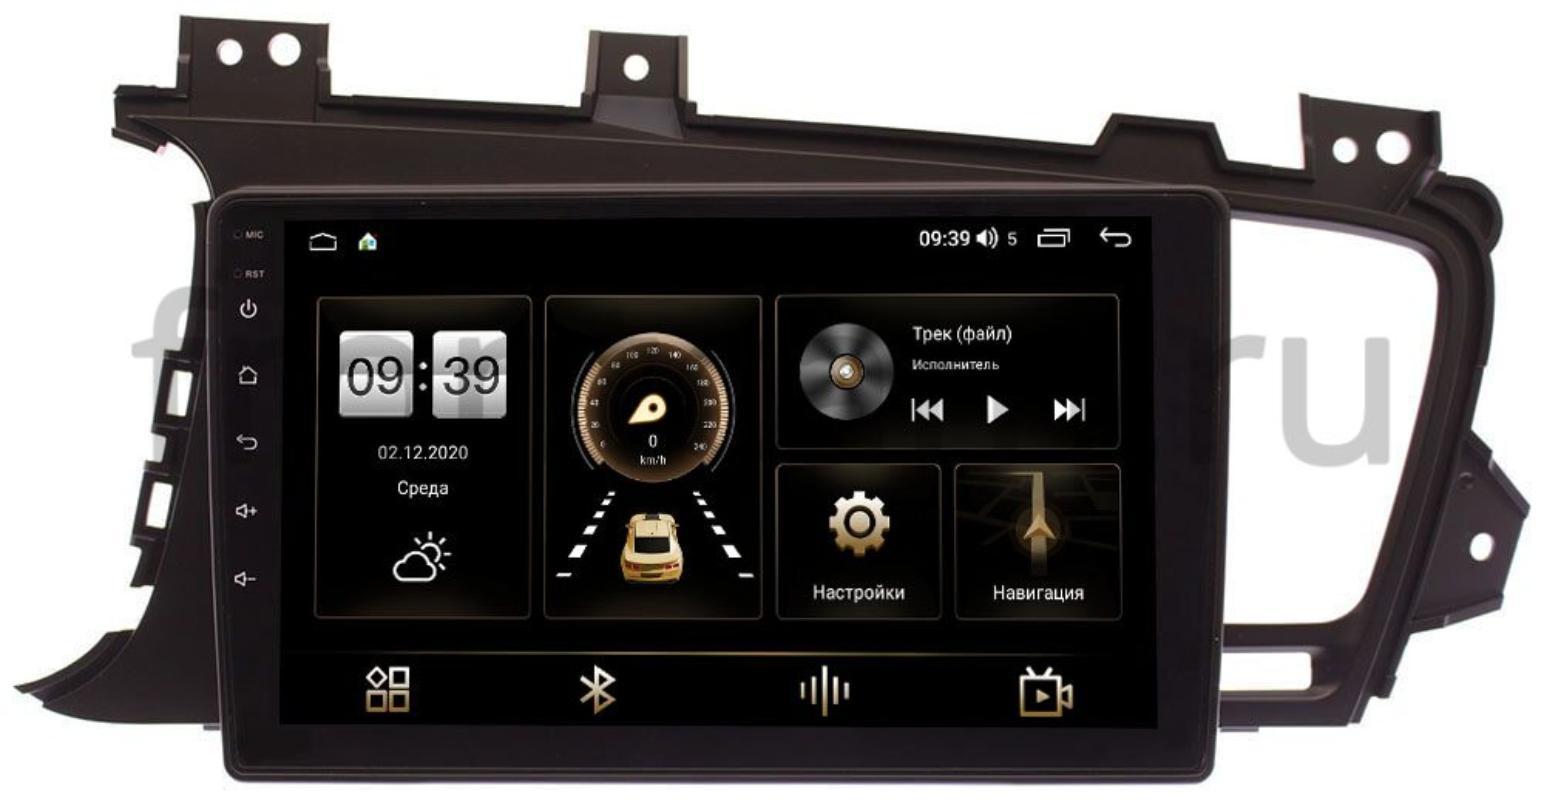 Штатная магнитола LeTrun 4196-9016 для Kia Optima III 2010-2013 на Android 10 (6/128, DSP, QLed) С оптическим выходом для авто с камерой (+ Камера заднего вида в подарок!)